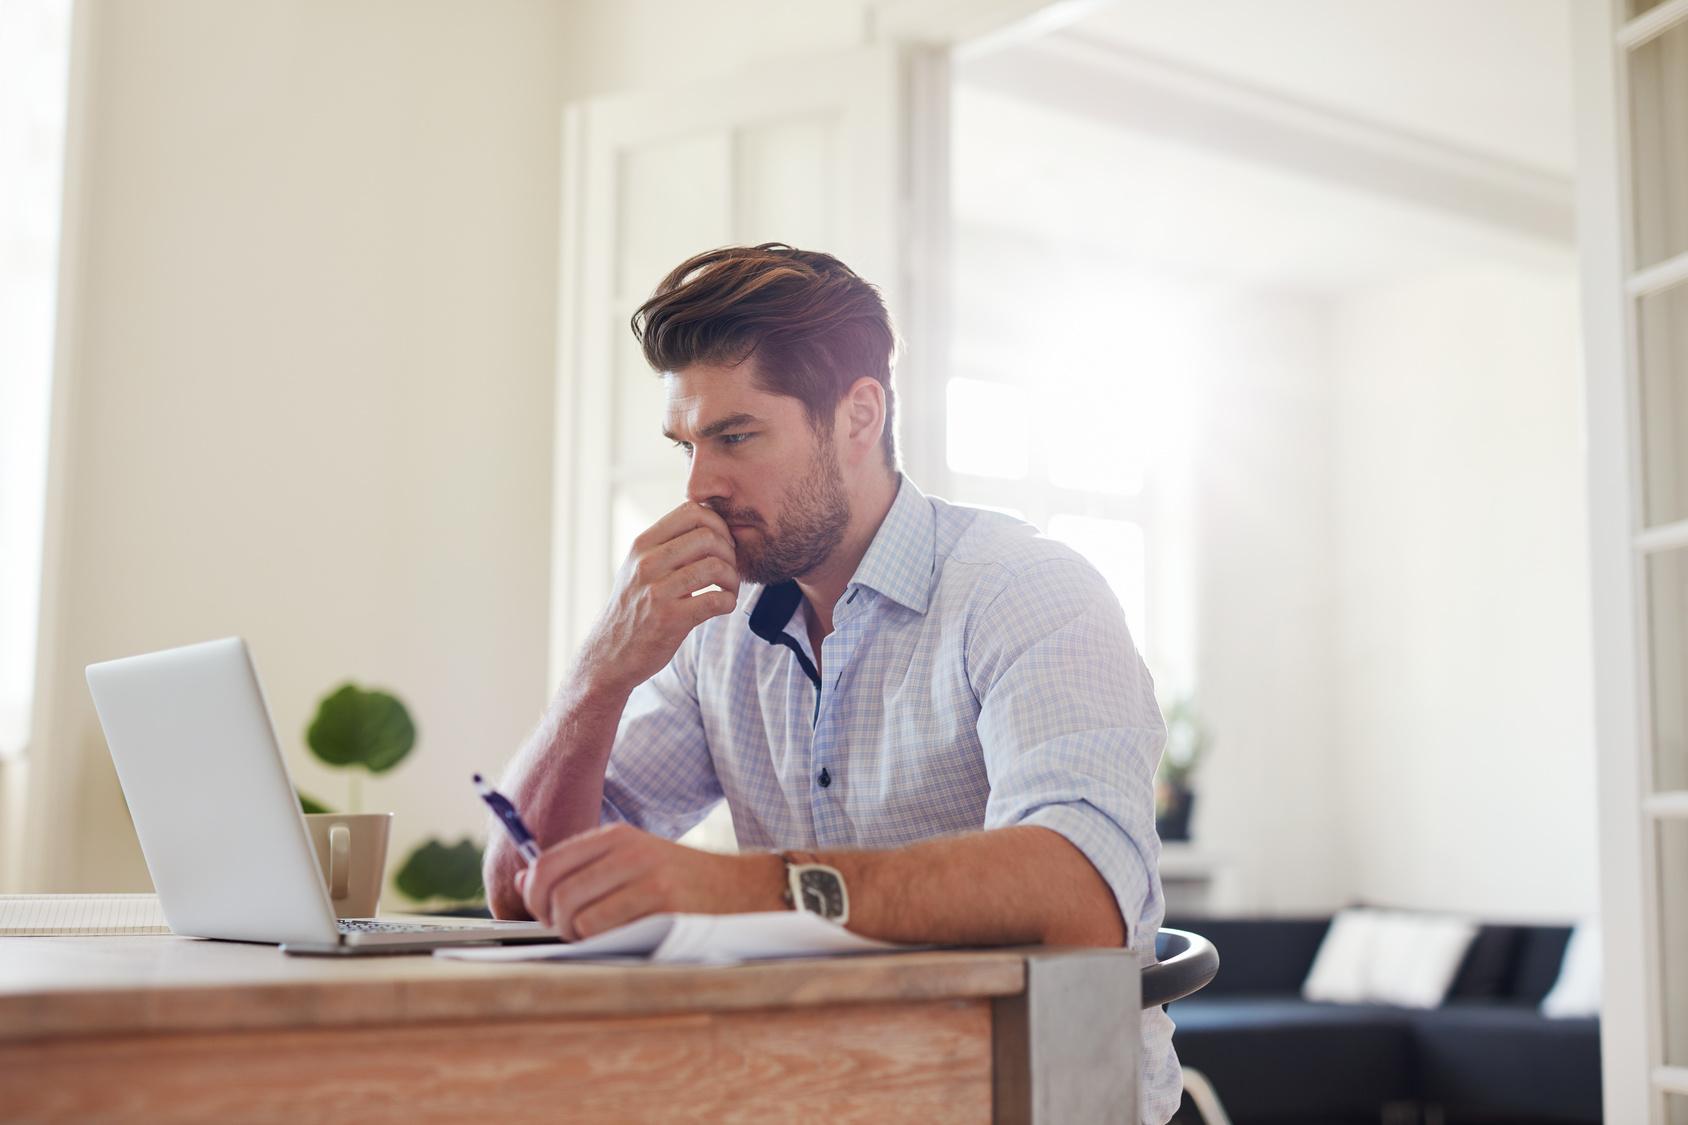 młody mężczyzna przy laptopie